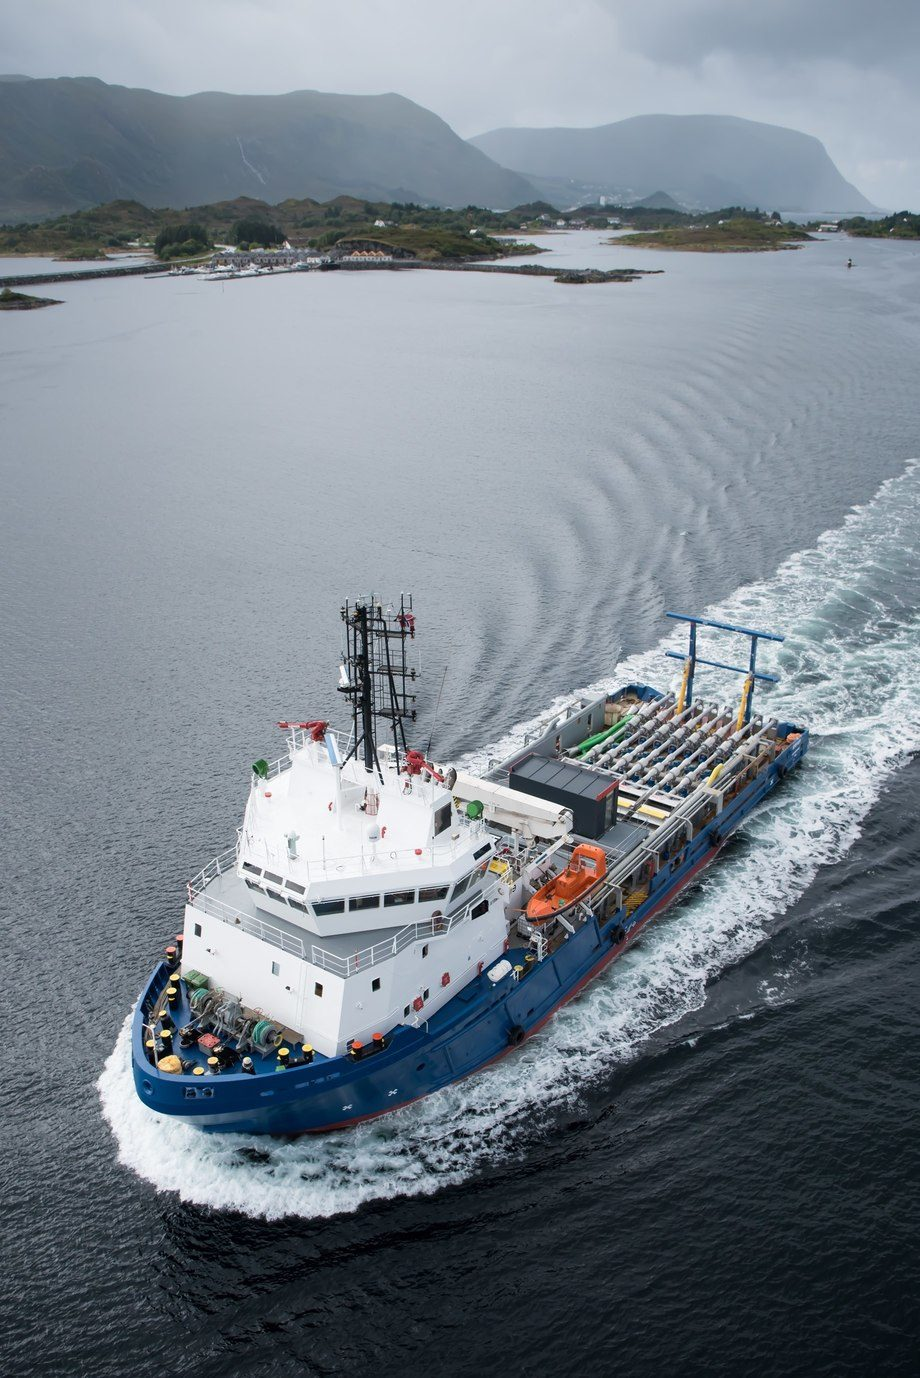 Hydrolicerutstyr er montert om bord i MS Steyer. Foto: Kristoffer Nærø Ytterland.